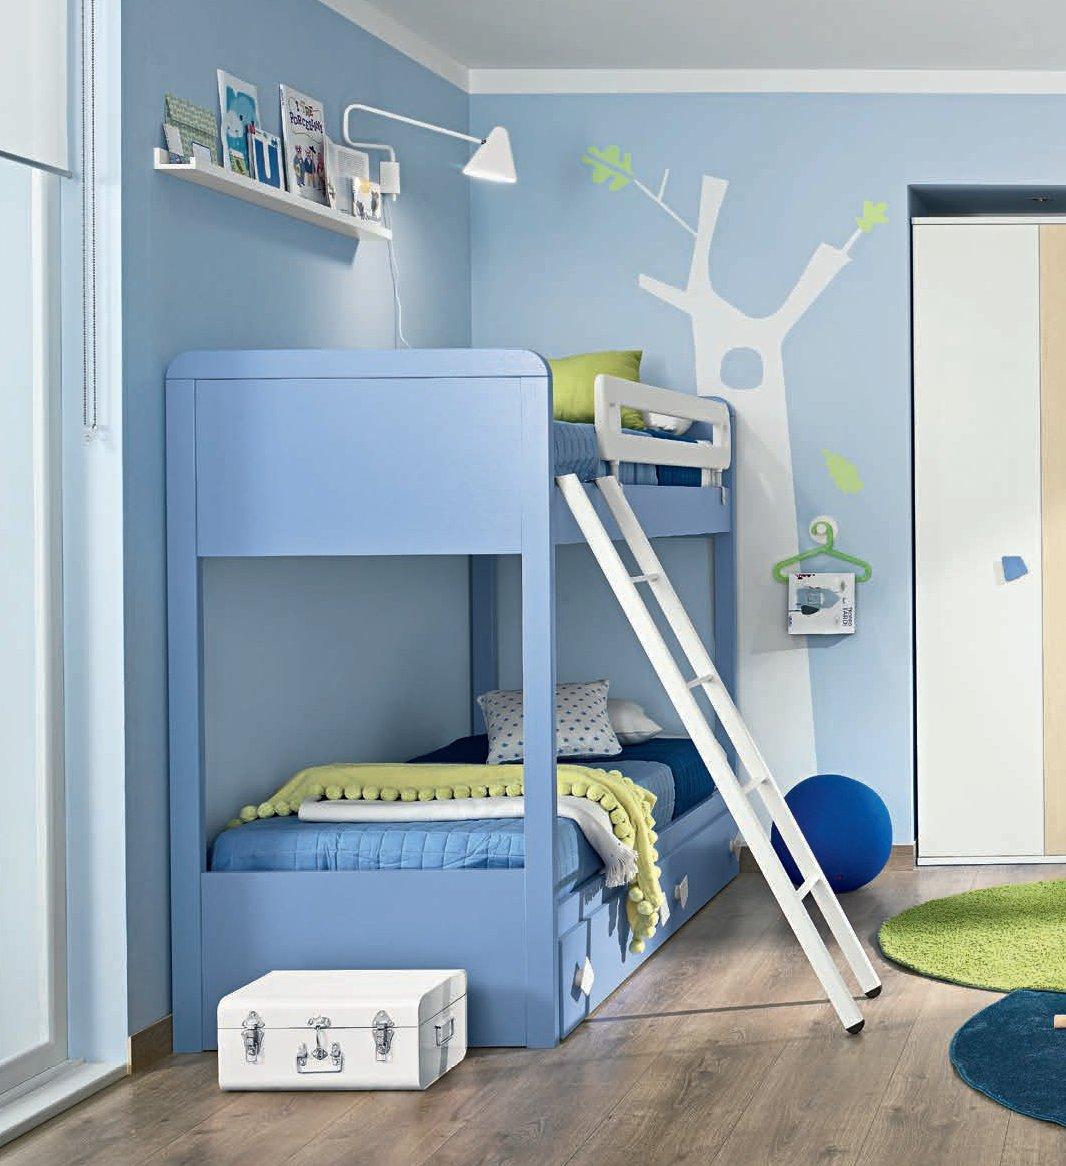 Letto A Castello Colombini.Colombini Bunk Bed Slot For Children S Room Cm L80 Lavender